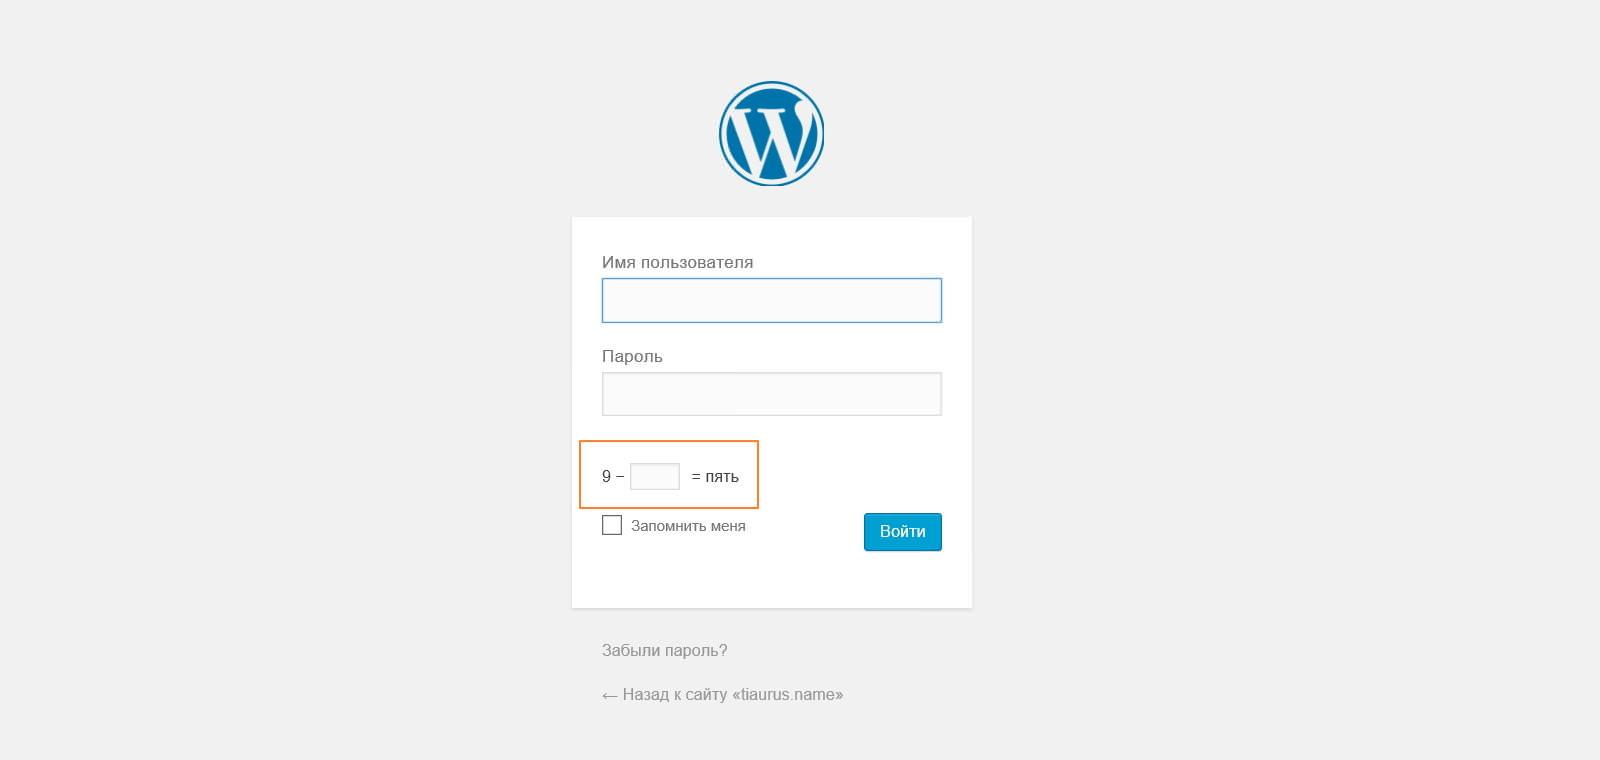 Captcha by BestWebSoft -- простой и удобный плагин для защиты регистрации от ботов | n-wp.ru